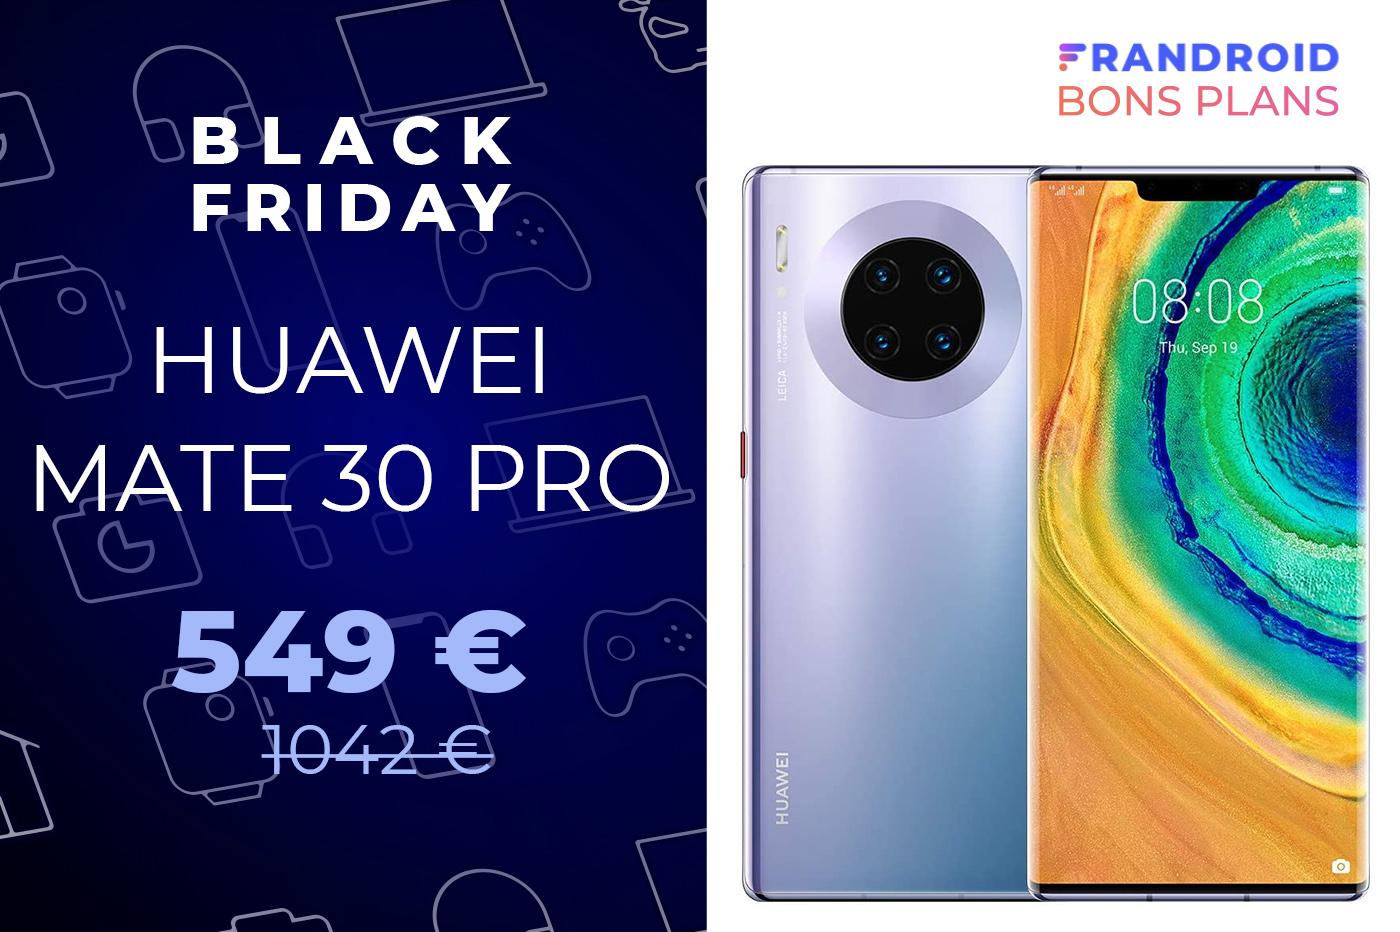 Le premium Huawei Mate 30 Pro est à moitié prix pour le Black Friday